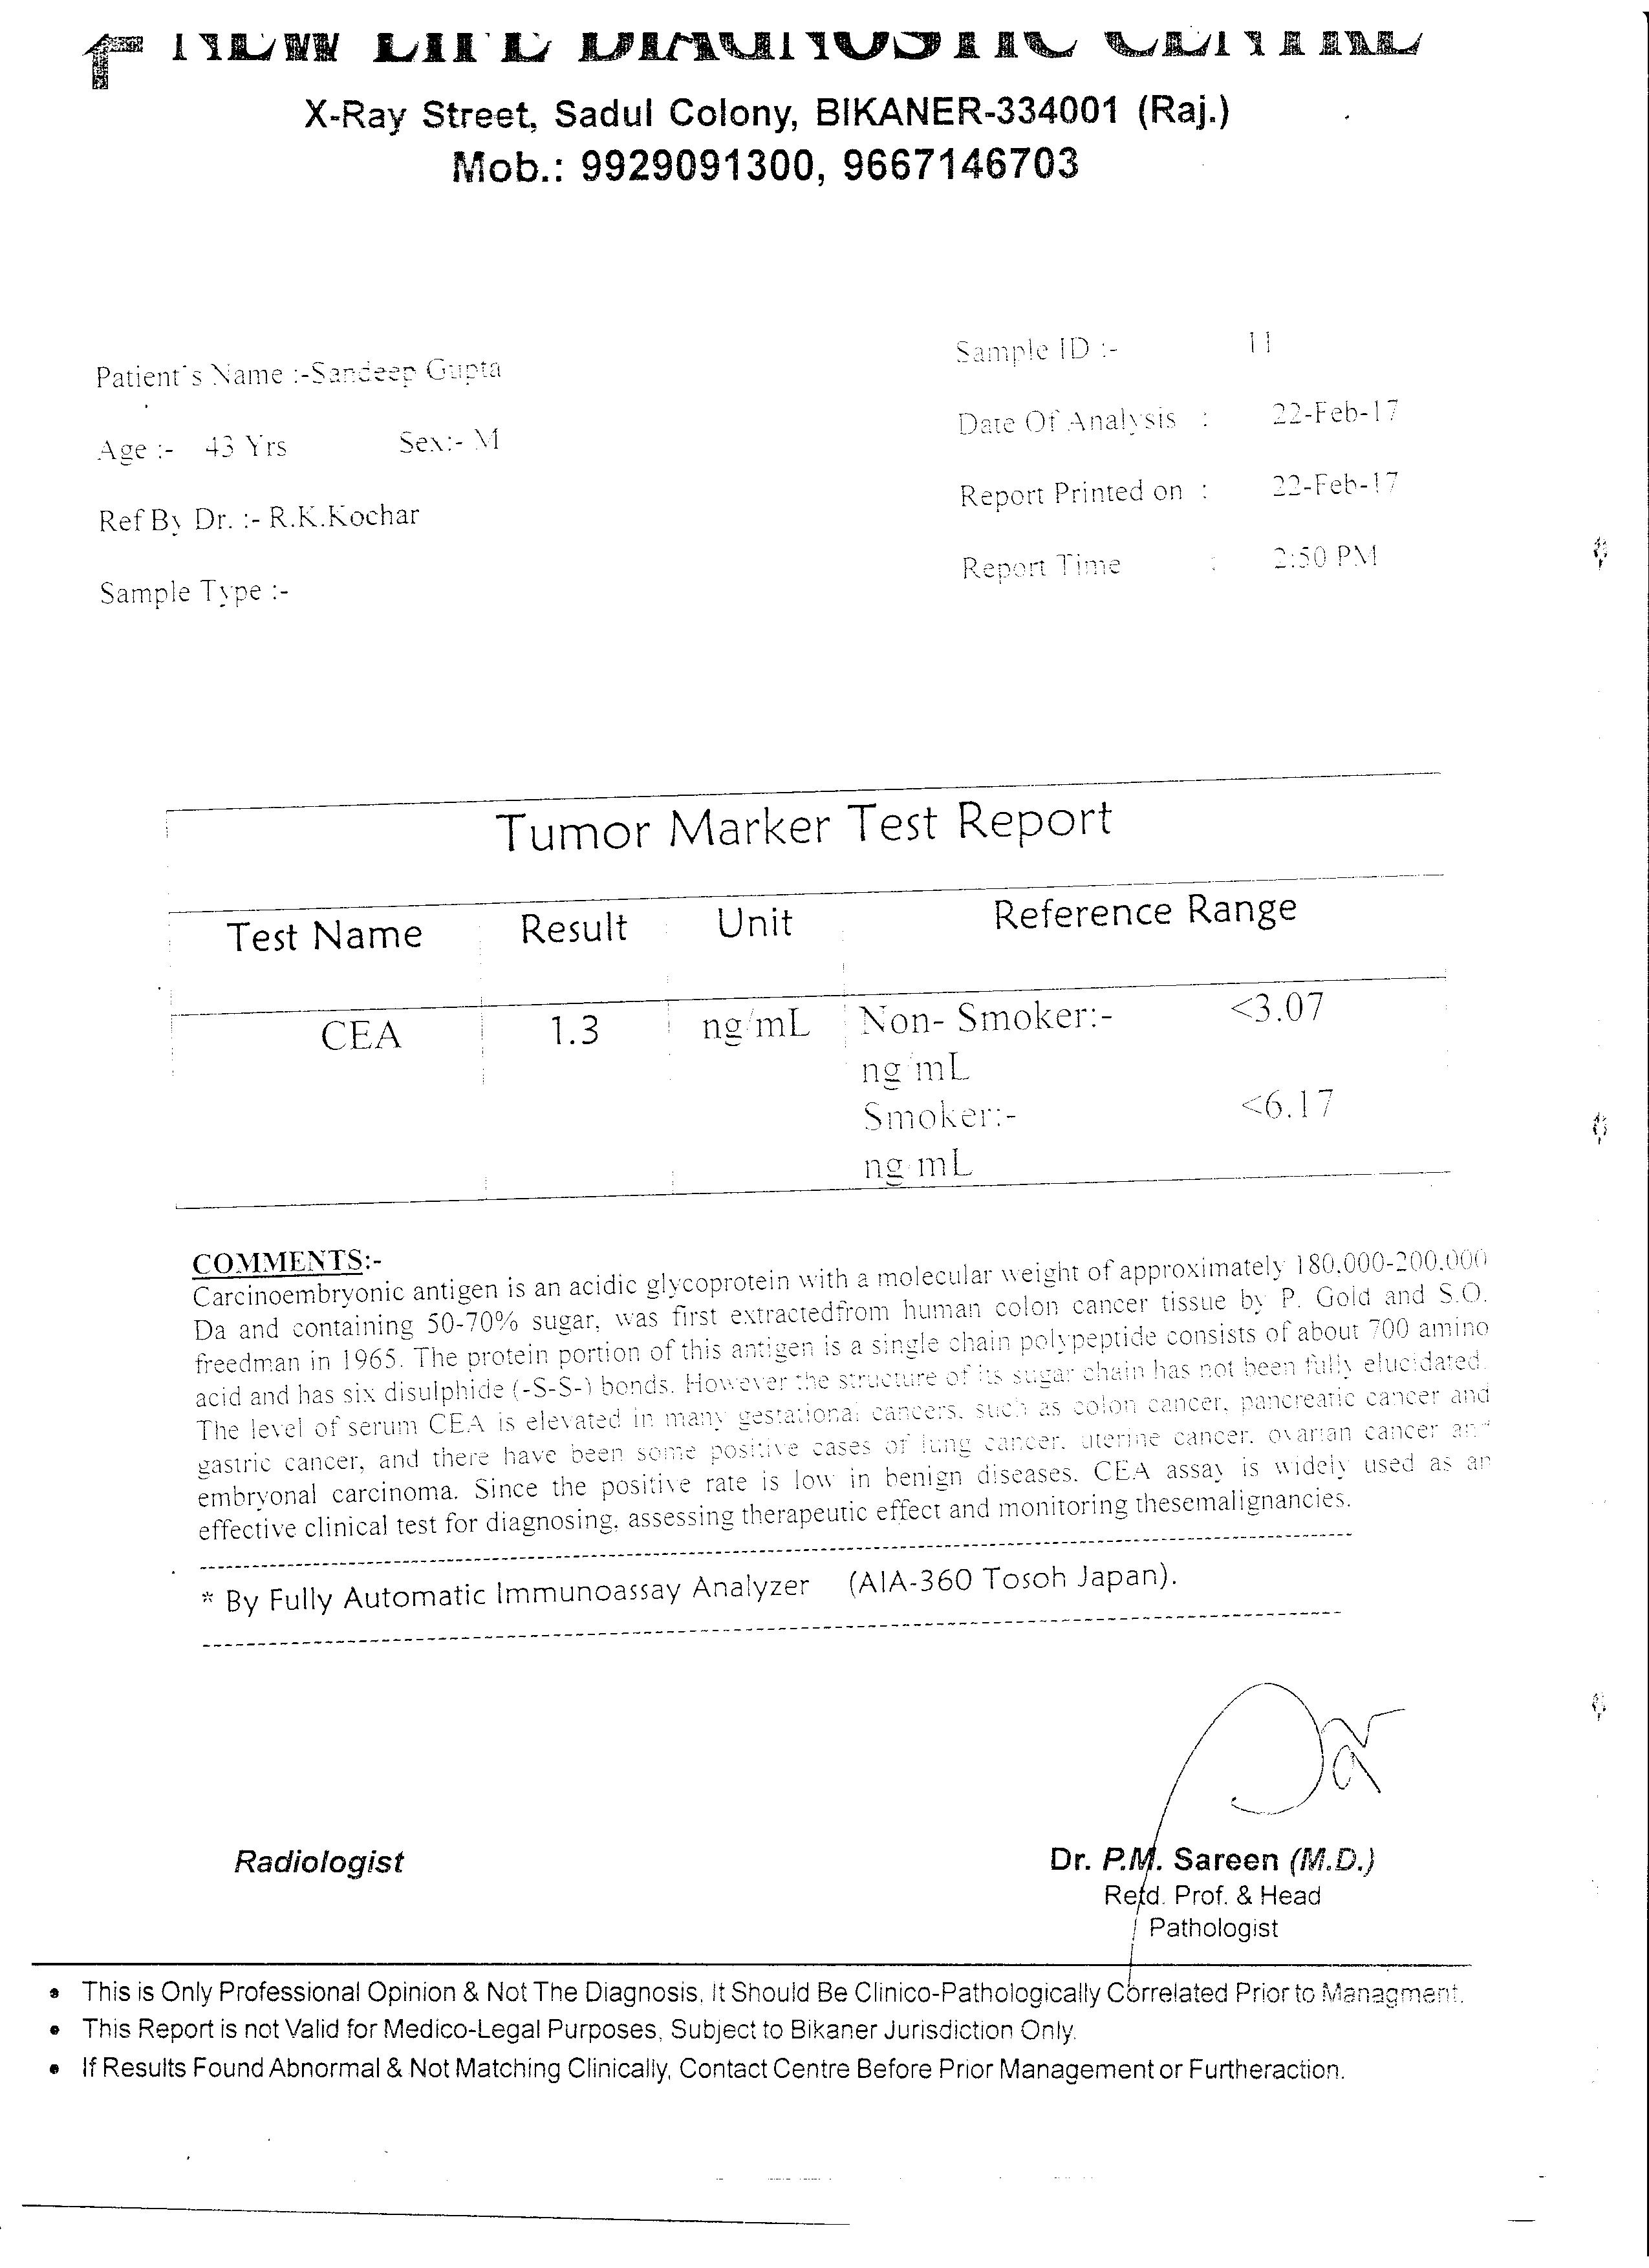 SANDEEP-GUPTA-43yrs-Kidney-Failure-Treatment-7